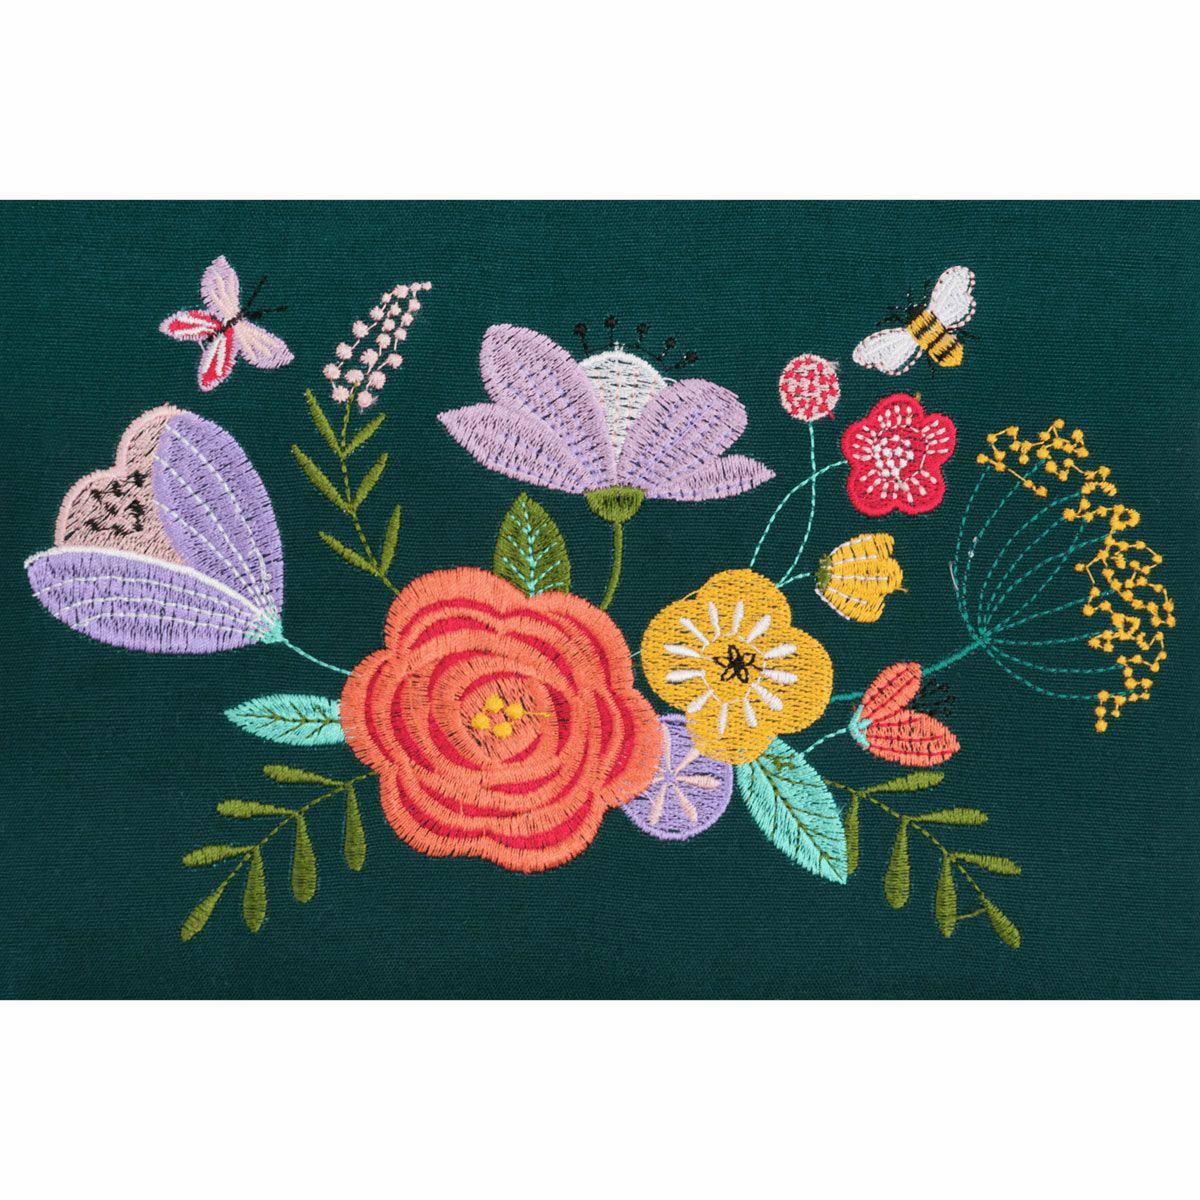 Boite à couture avec broderie - Jardin fleuri bleu M